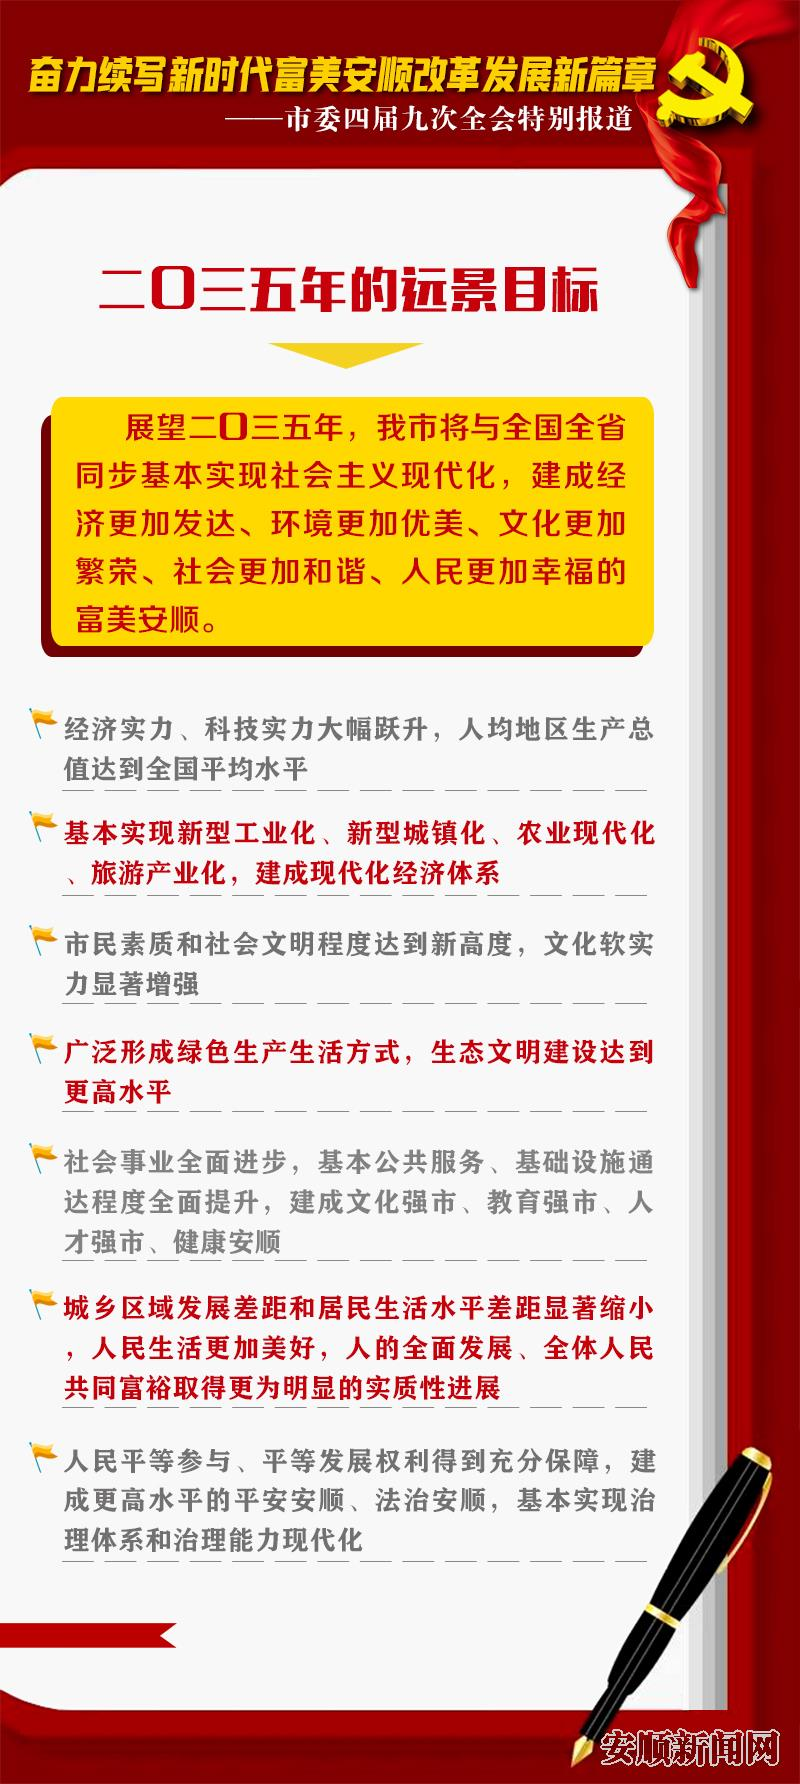 安顺市委四届九次全会-4小.jpg